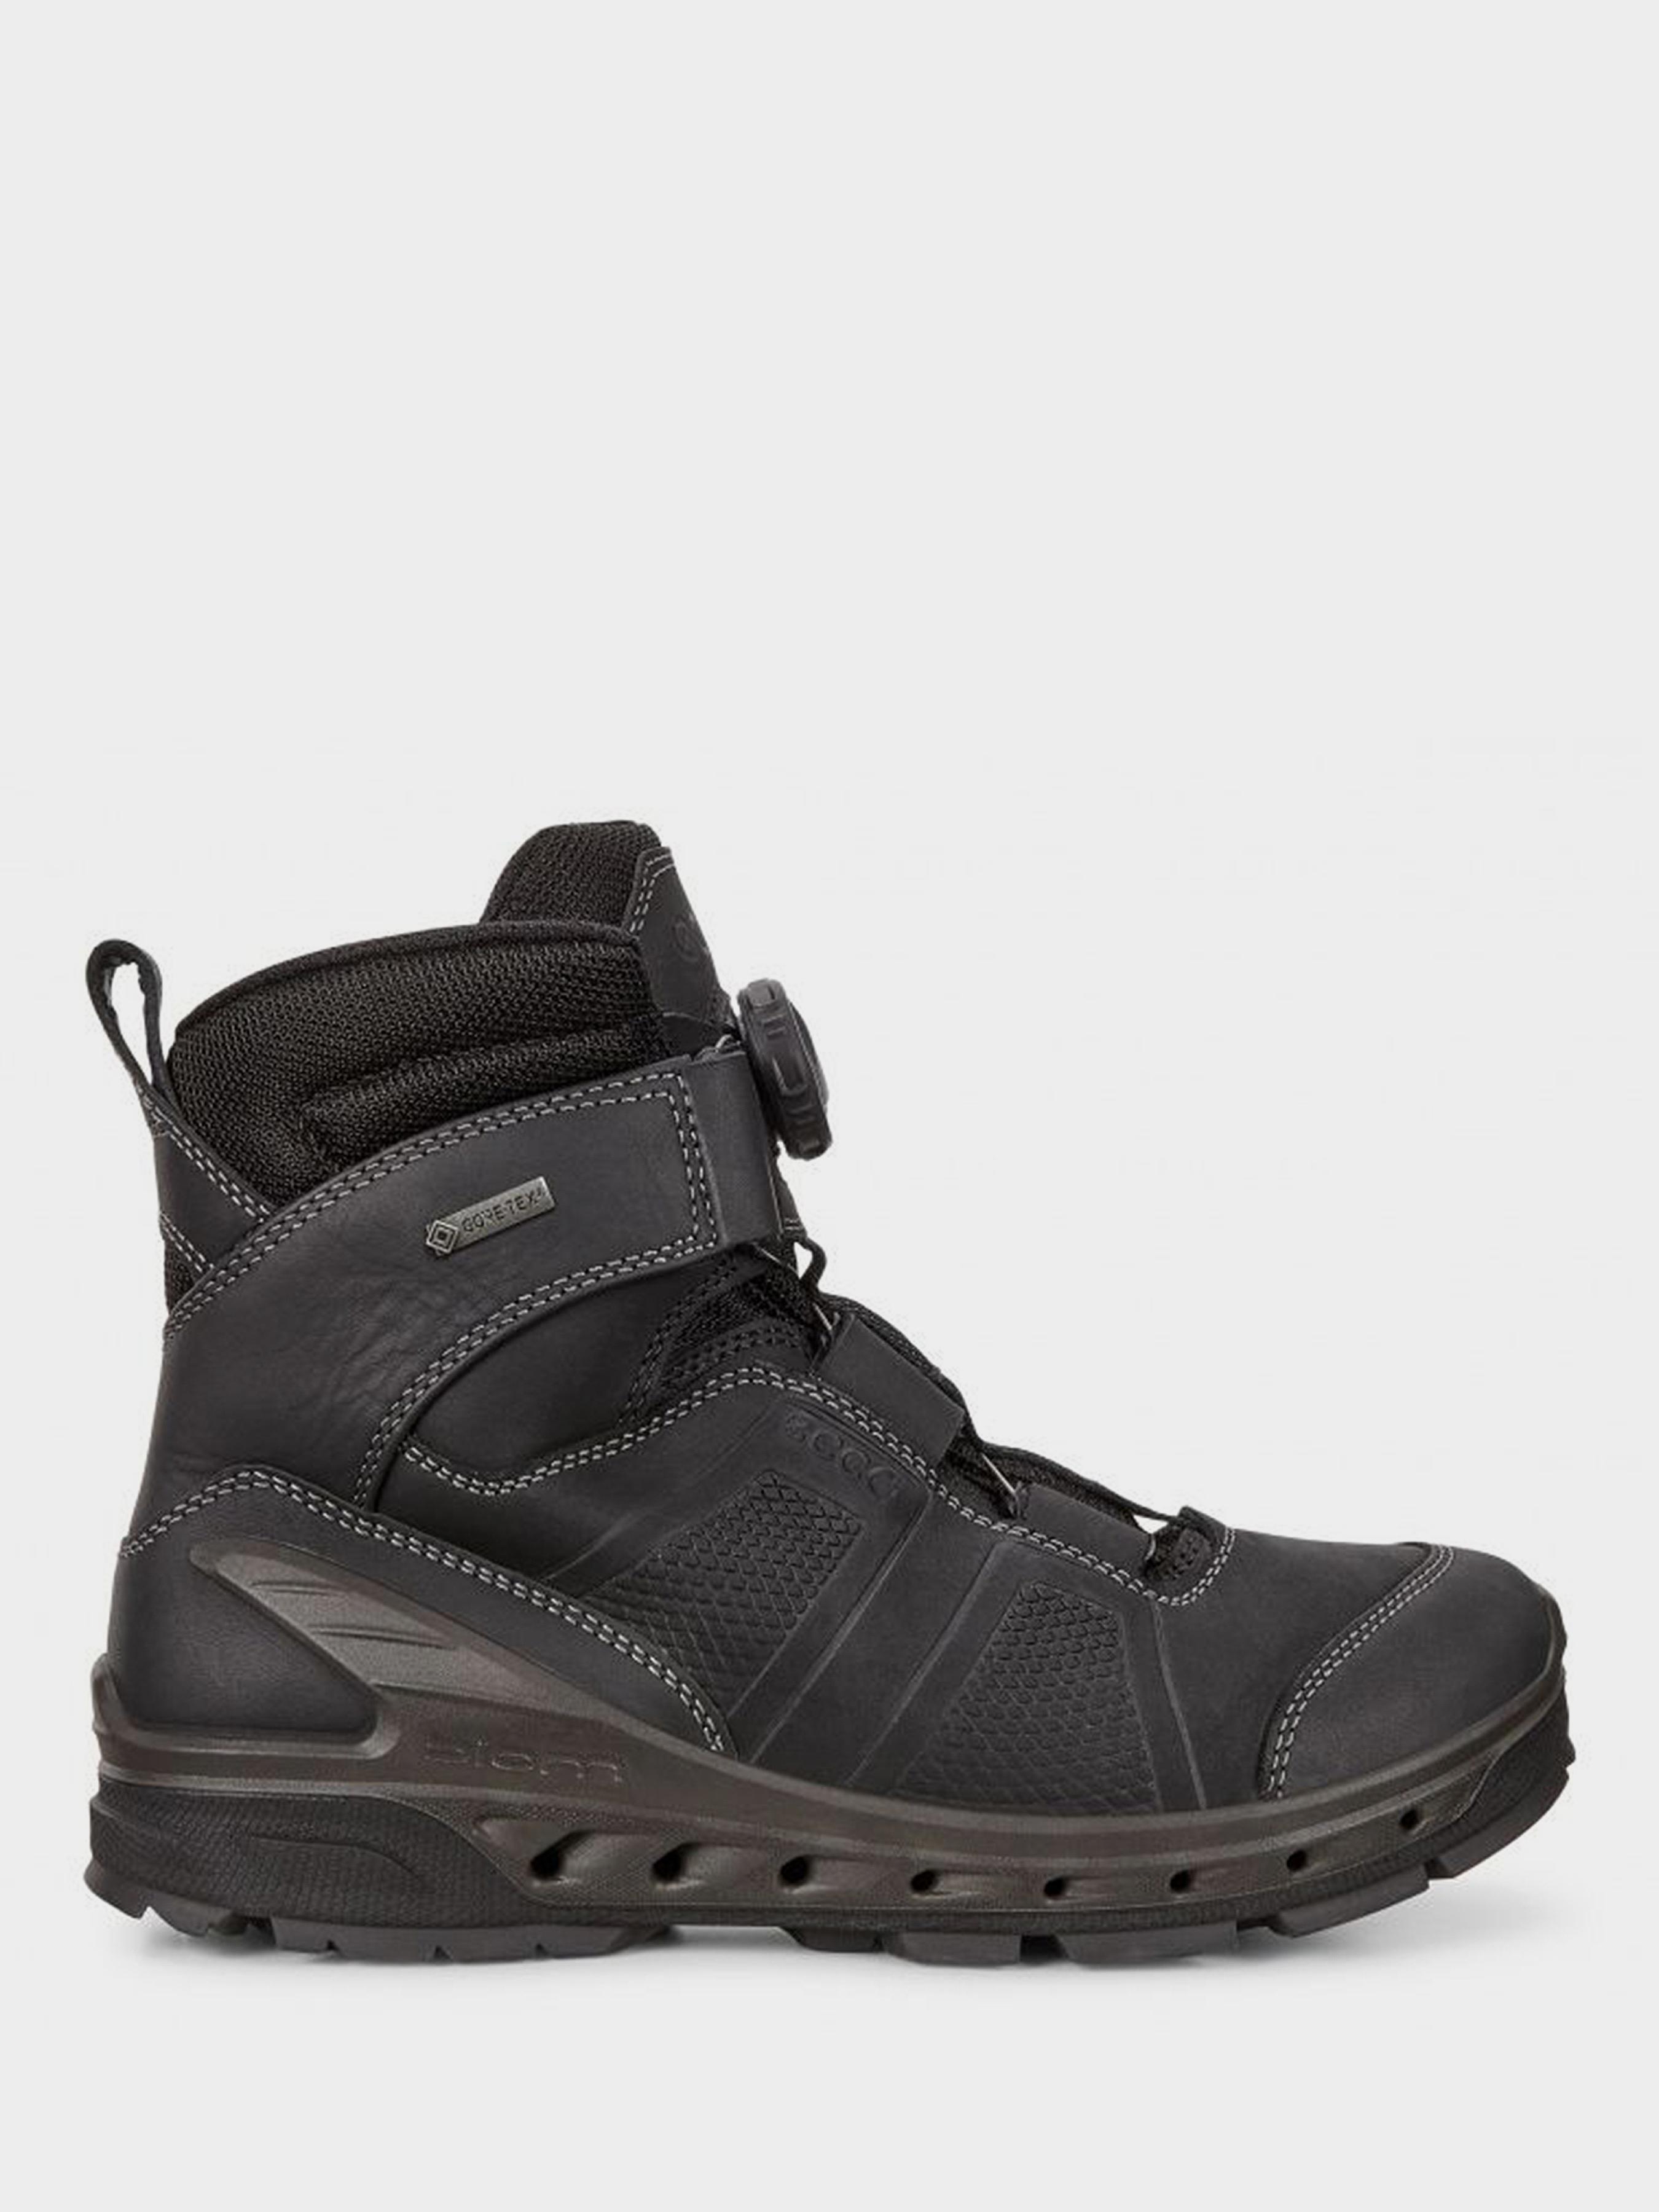 Купить Ботинки мужские ECCO BIOM VENTURE TR ZM3984, Черный